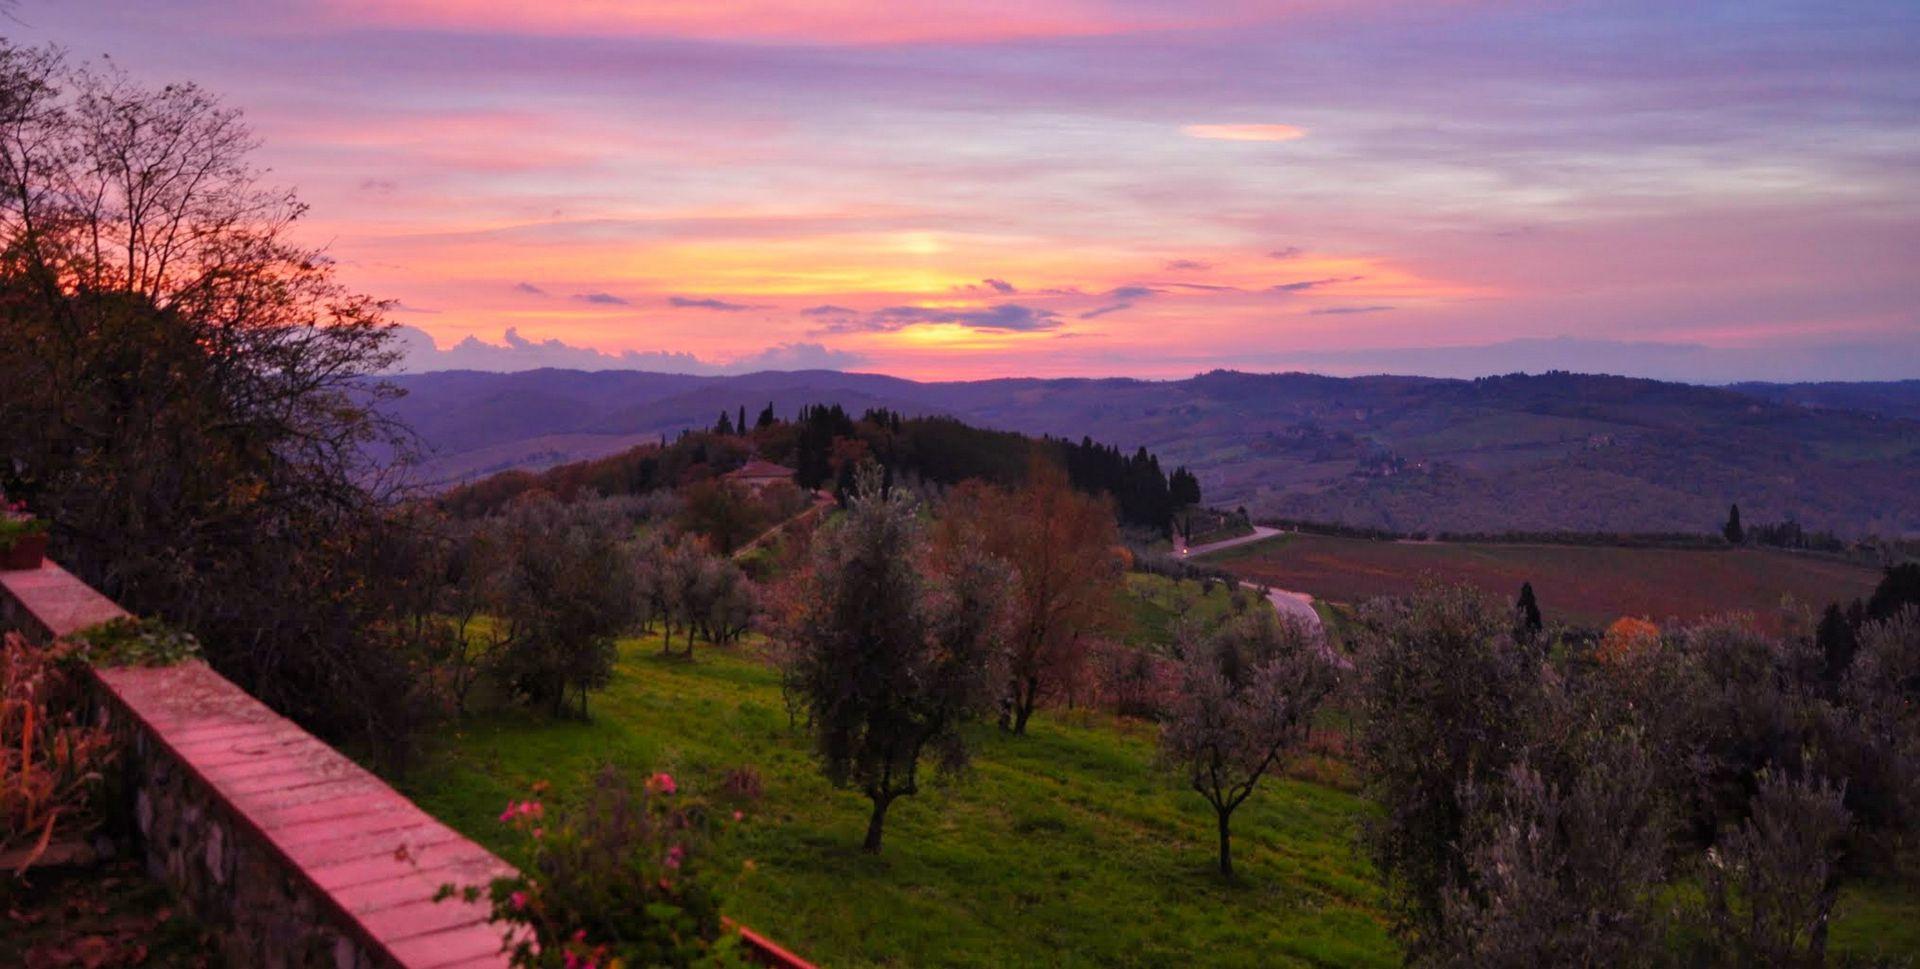 Trekking tour al tramonto, pic-nic e notte in tenda sui colli fiorentini